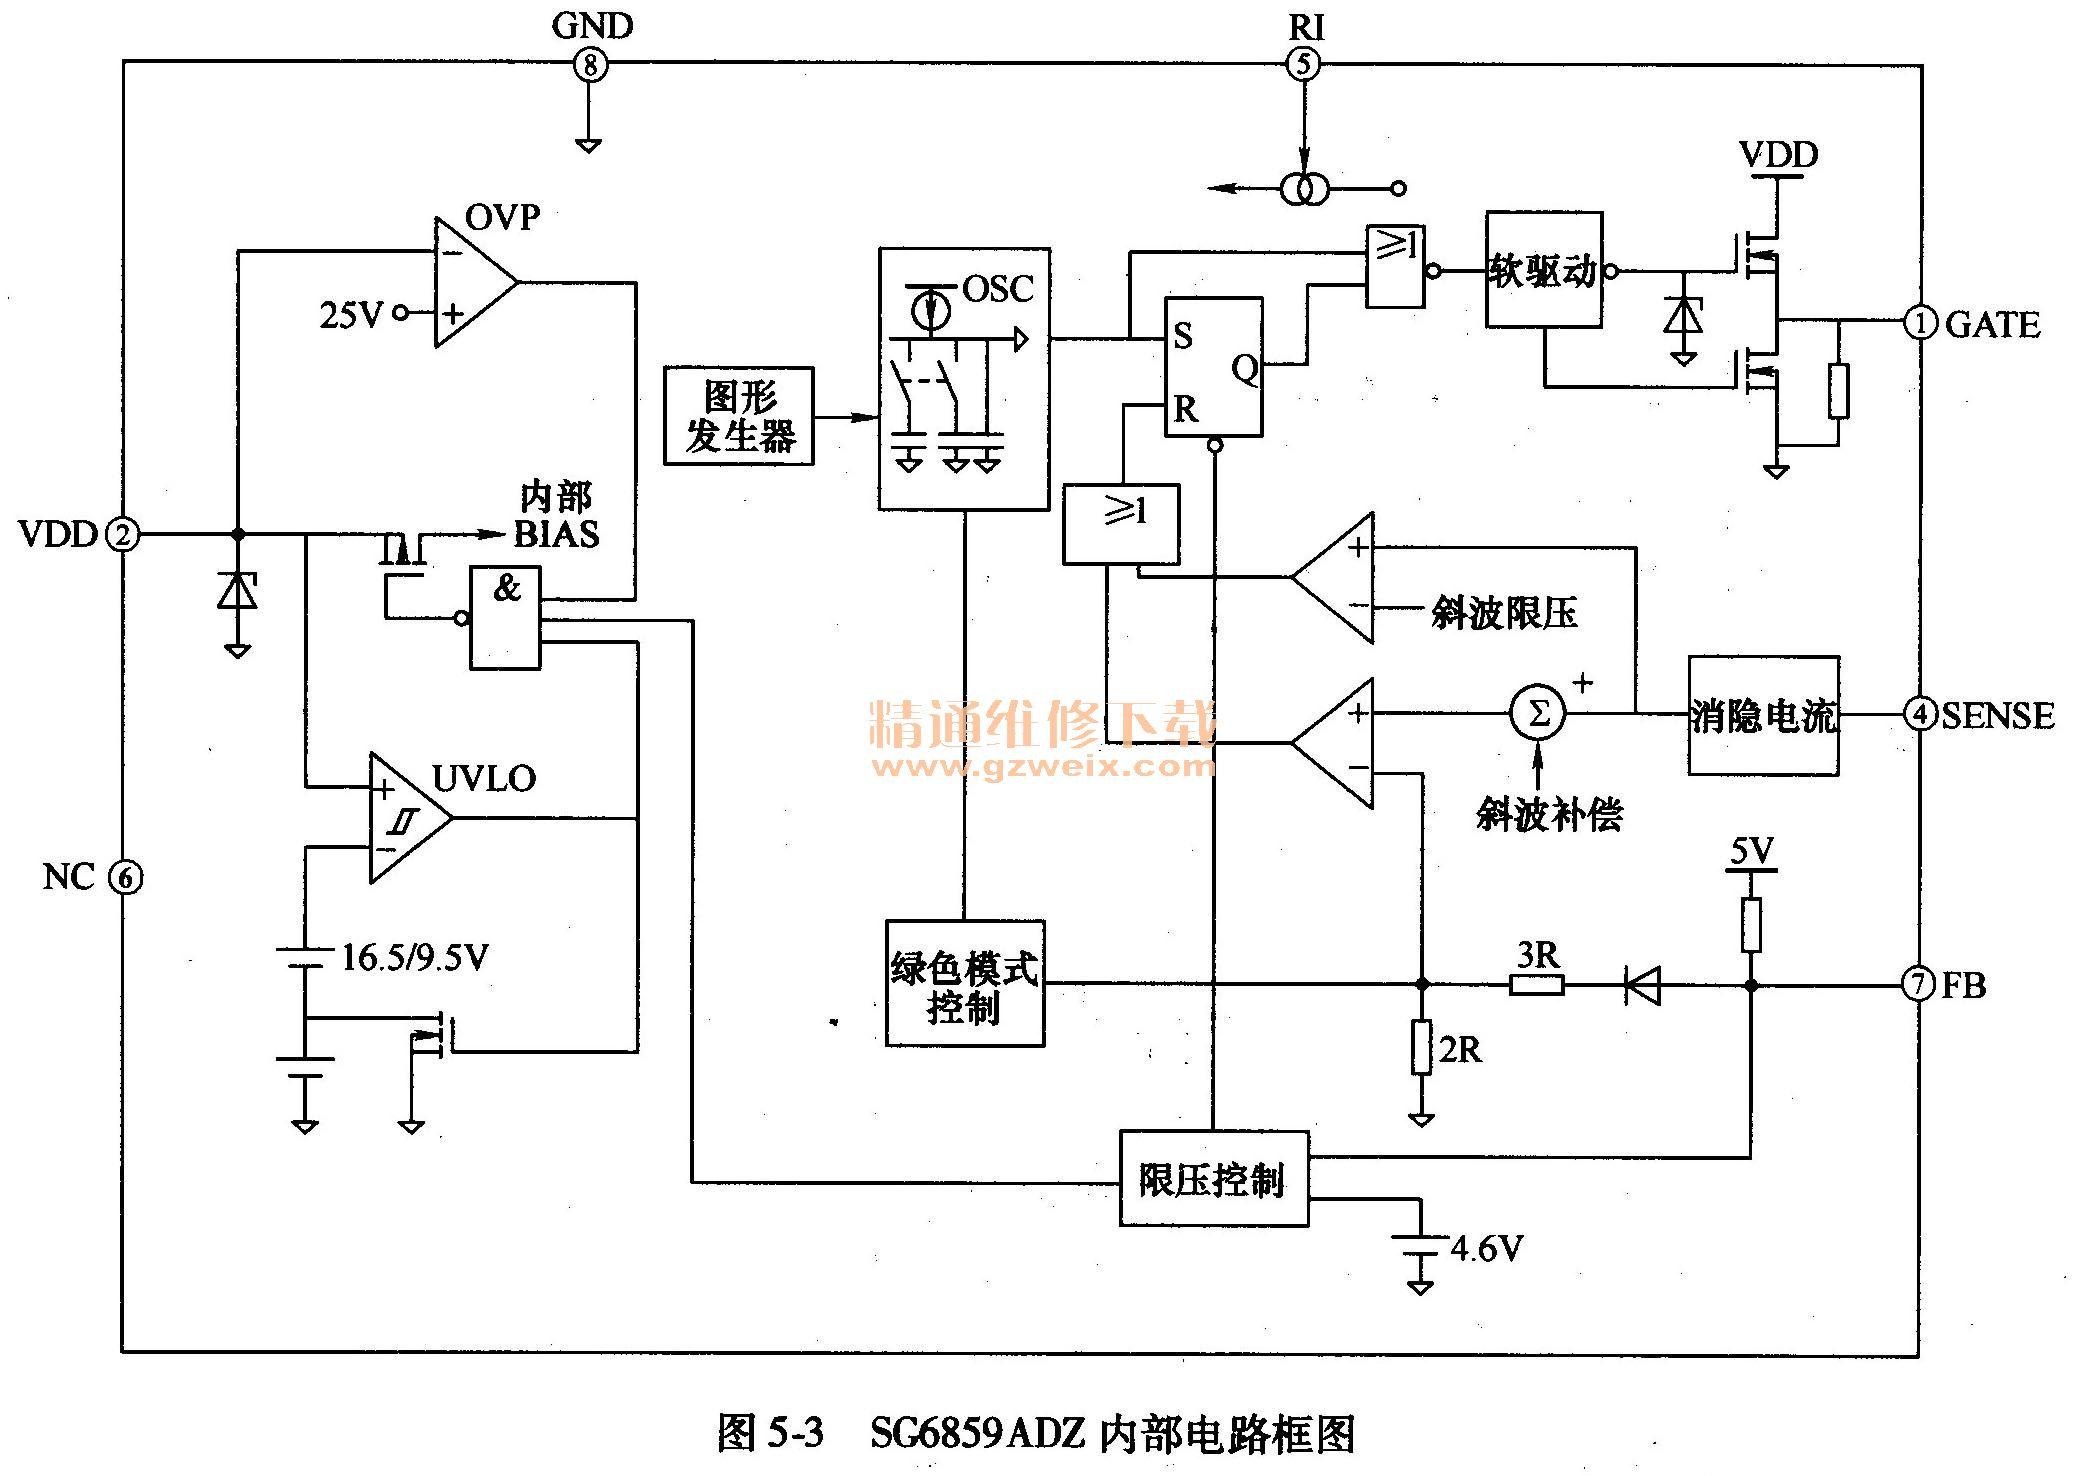 SG6859ADZ内部电路框图